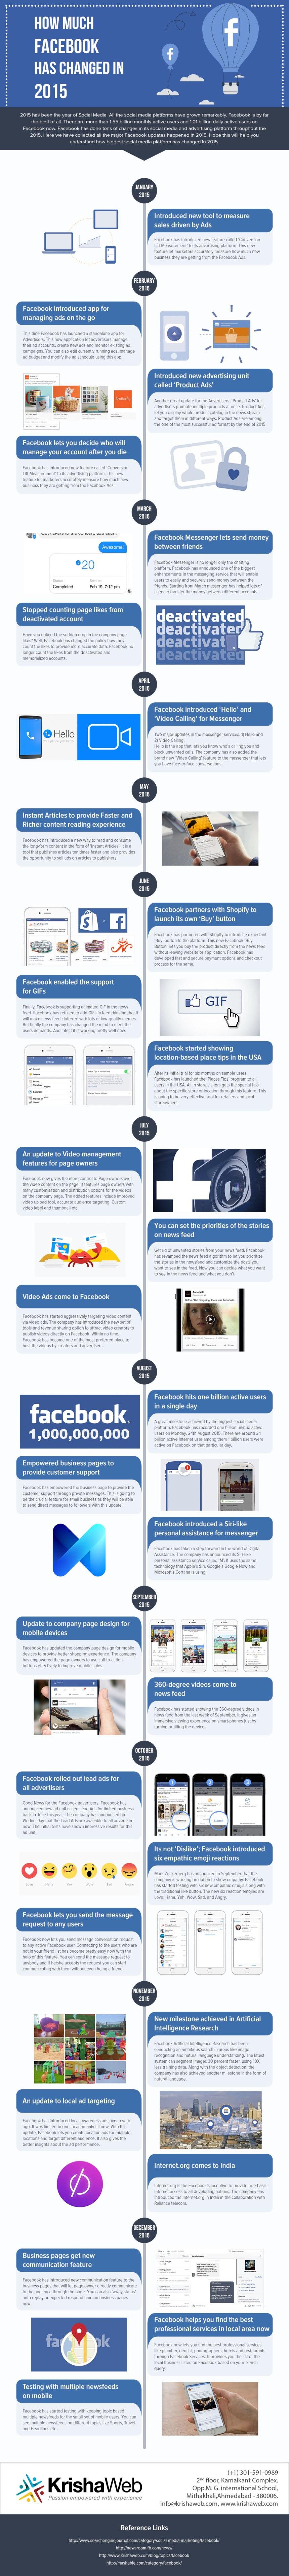 Los cambios en Facebook en 2015